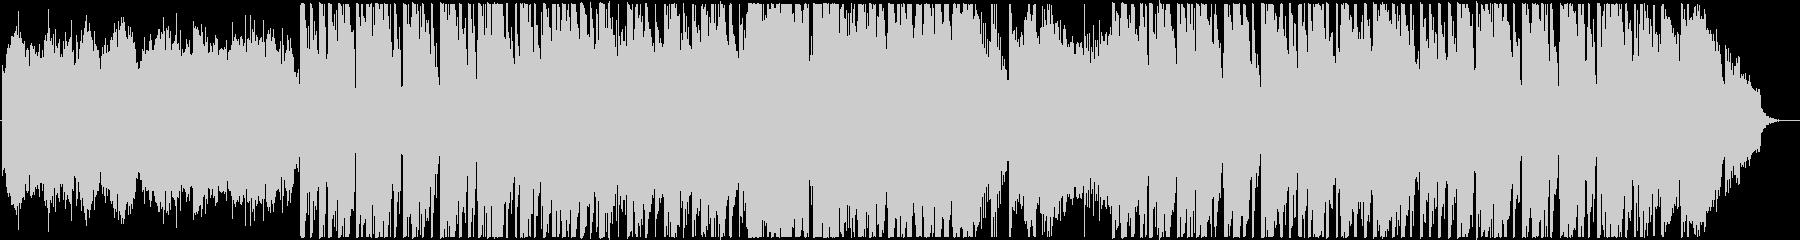 桜をイメージした切ない曲v2 typeBの未再生の波形